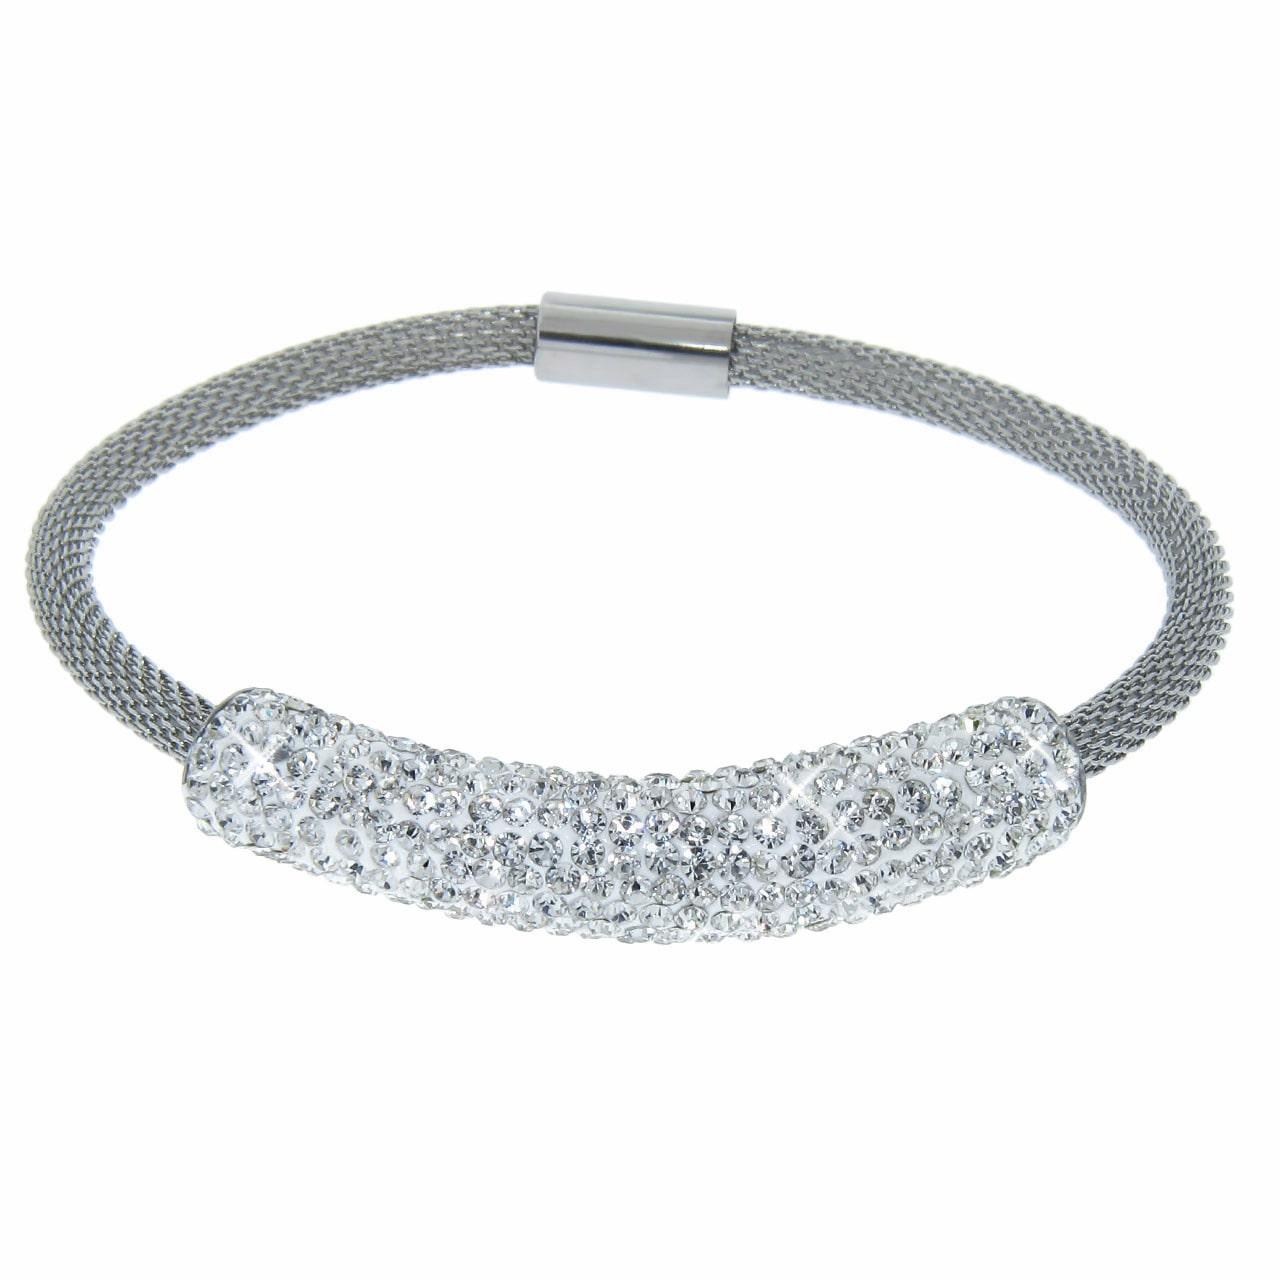 Eternally Haute  Stainless Steel Czech Crystal Mesh Magnet Bracelet